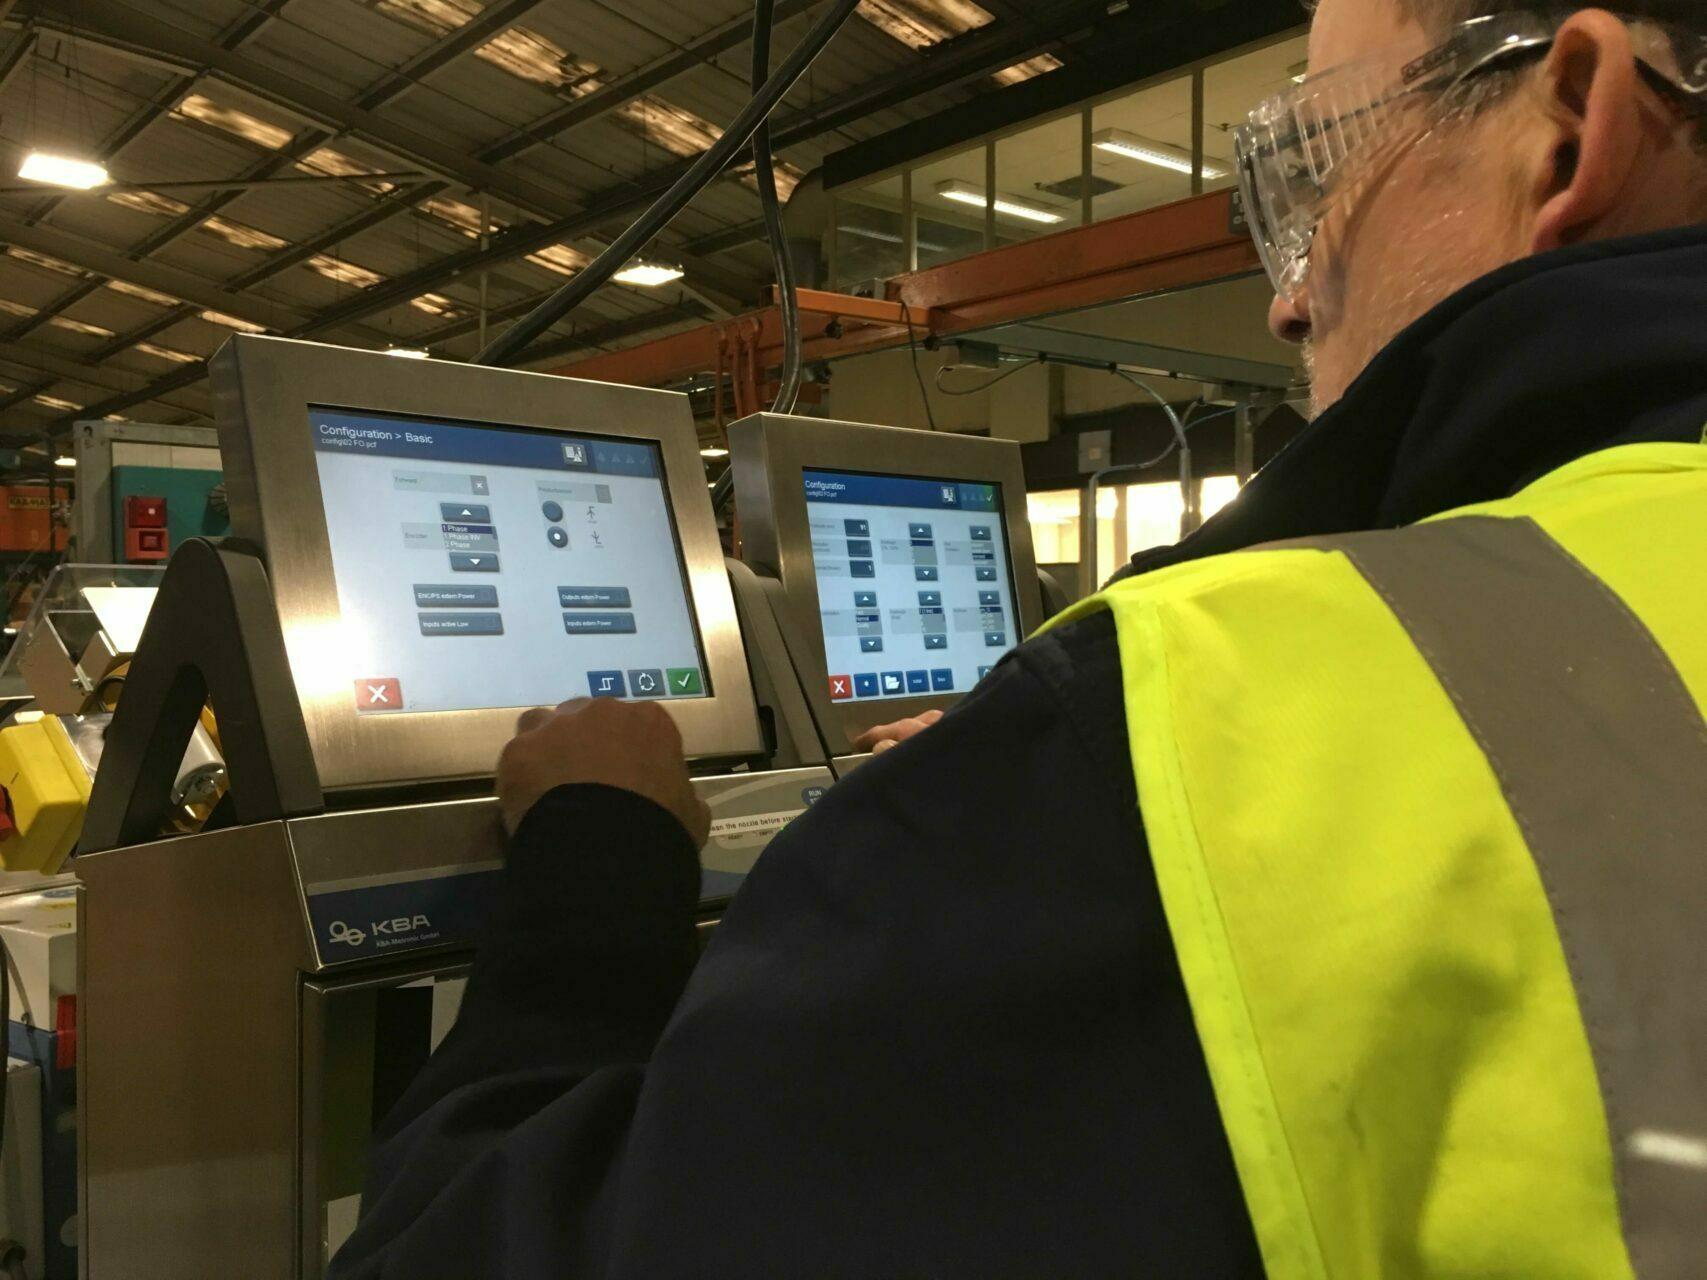 Koening & Bauer Coding Equipment Maintenance Support